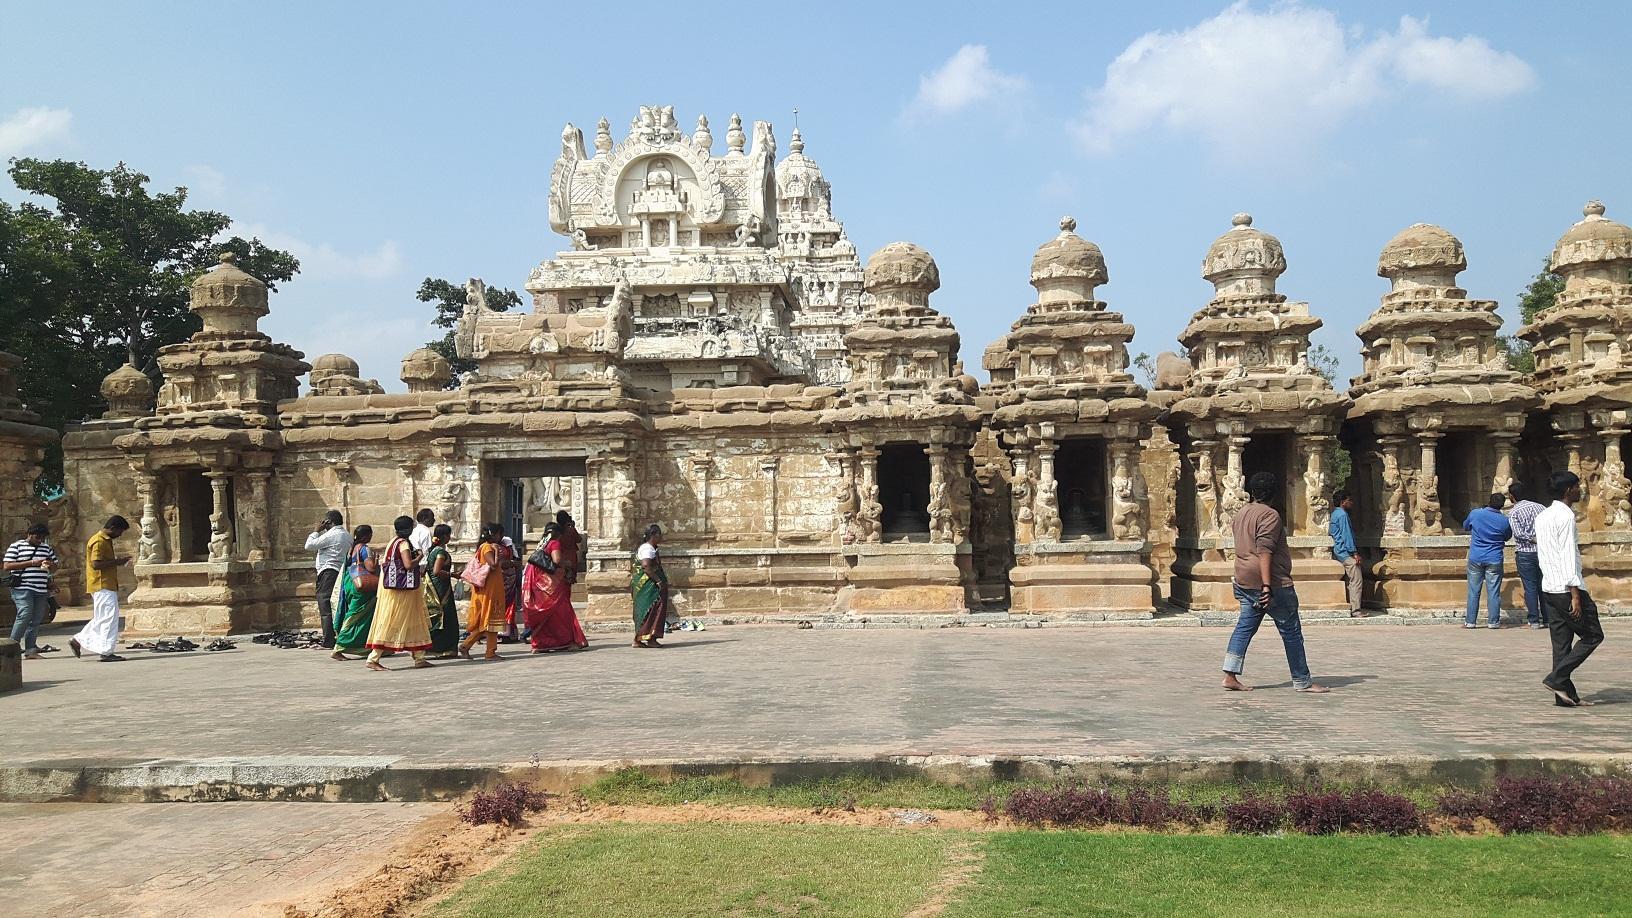 காஞ்சிபுரம், பாரம்பர்ய கோயில்கள்